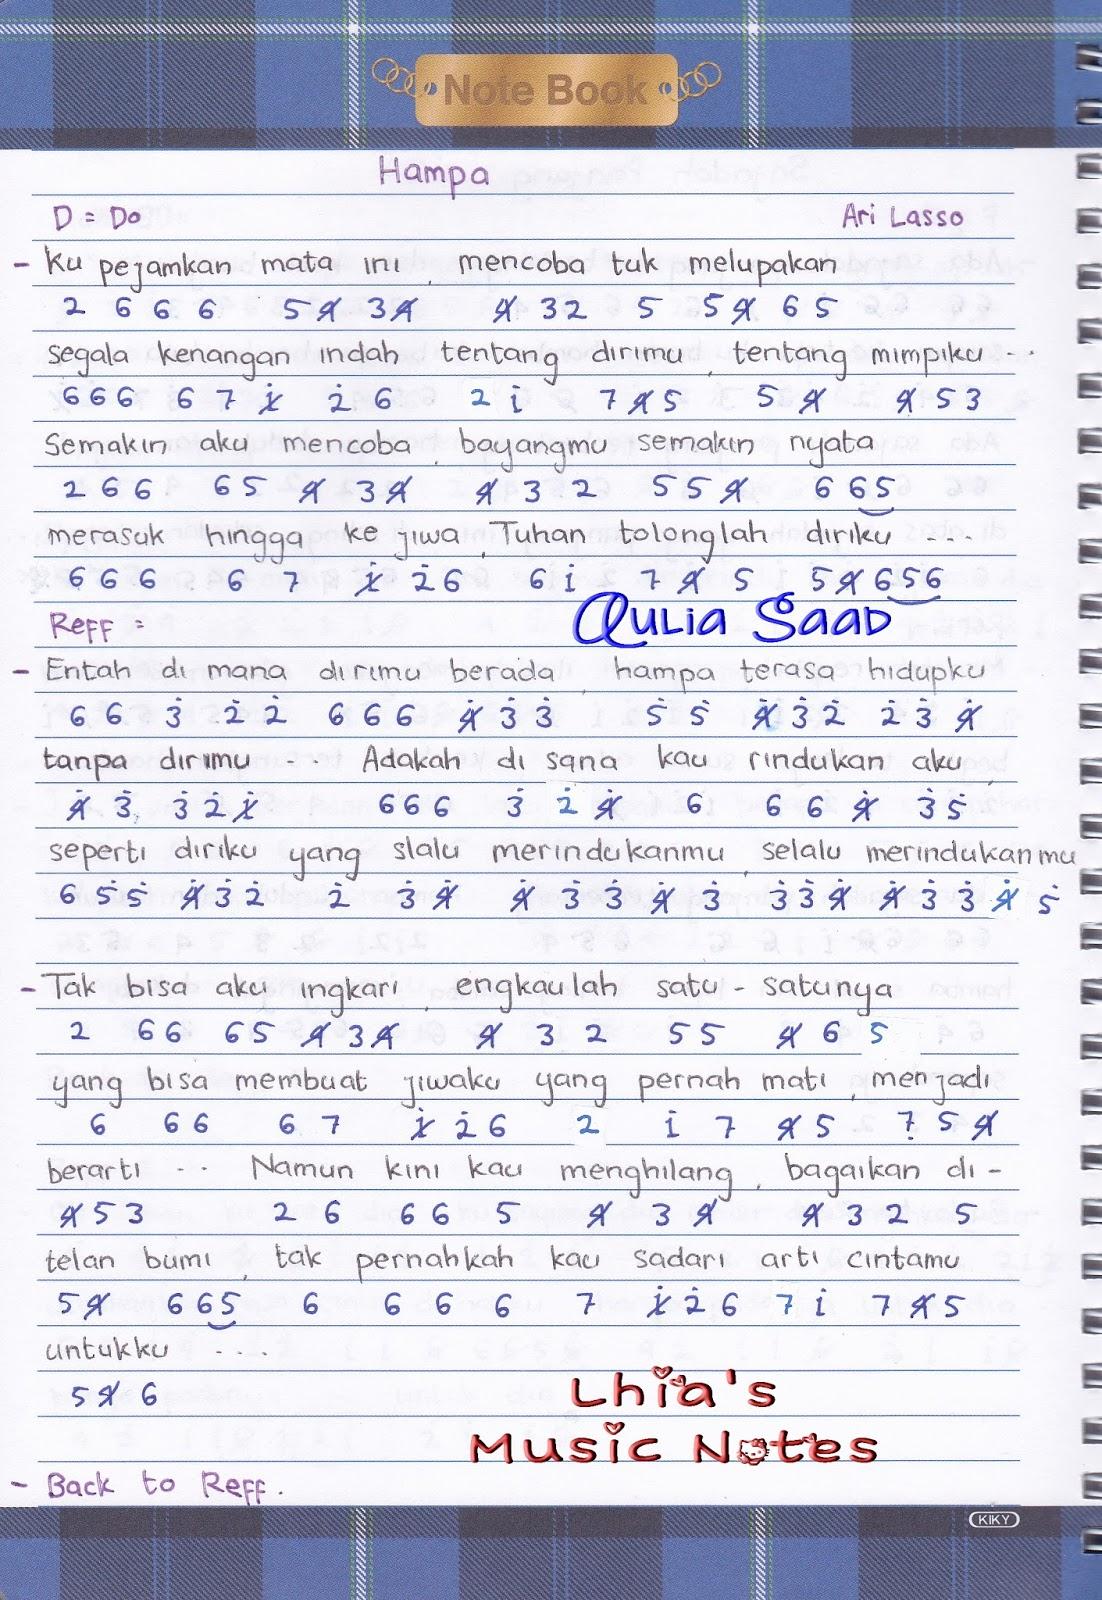 Arti Not Angka : angka, Angka, Lasso, Hampa, Lhia's, Music, Notes